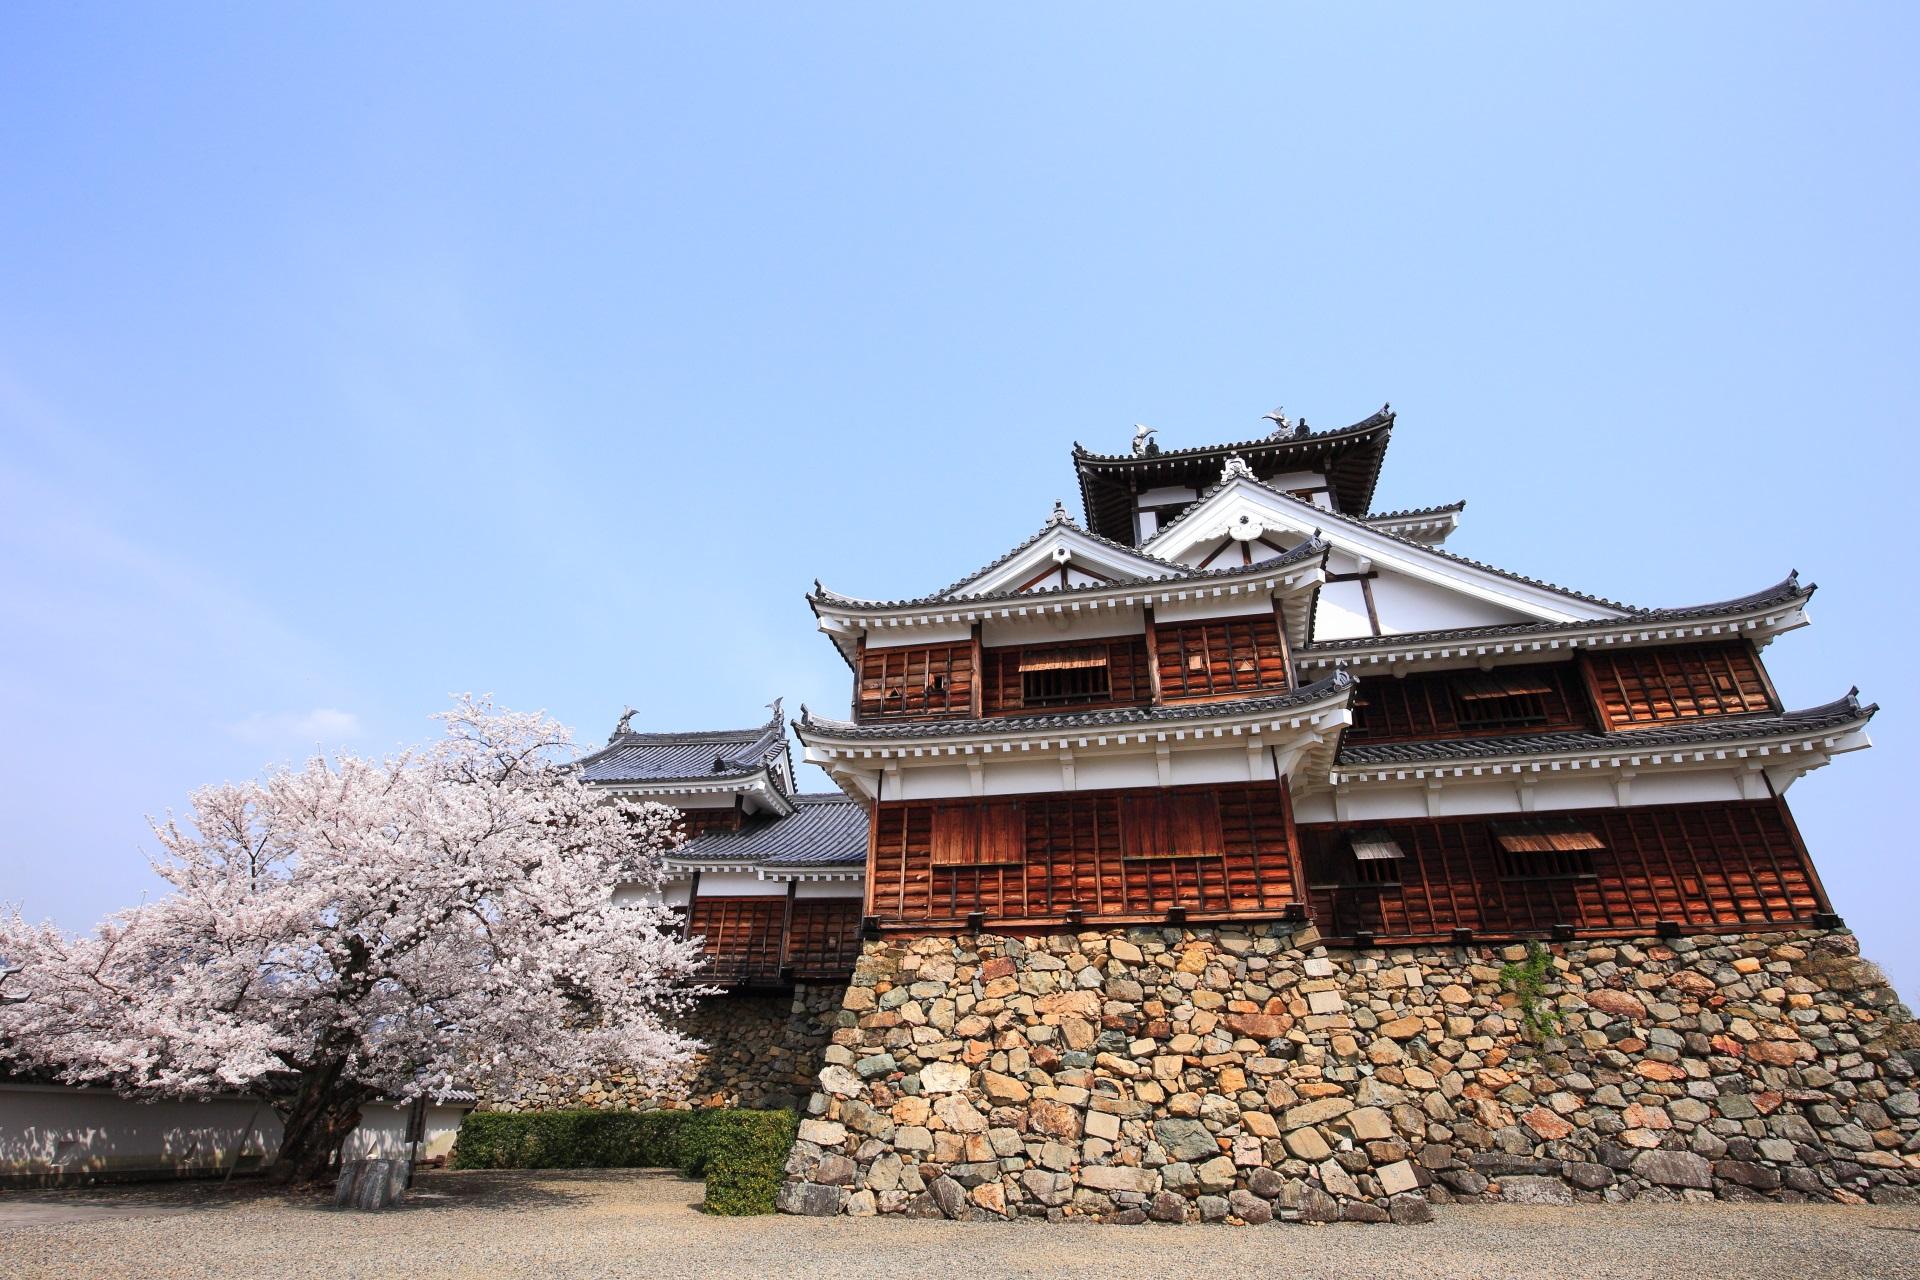 福知山城と桜の極上の春の風景